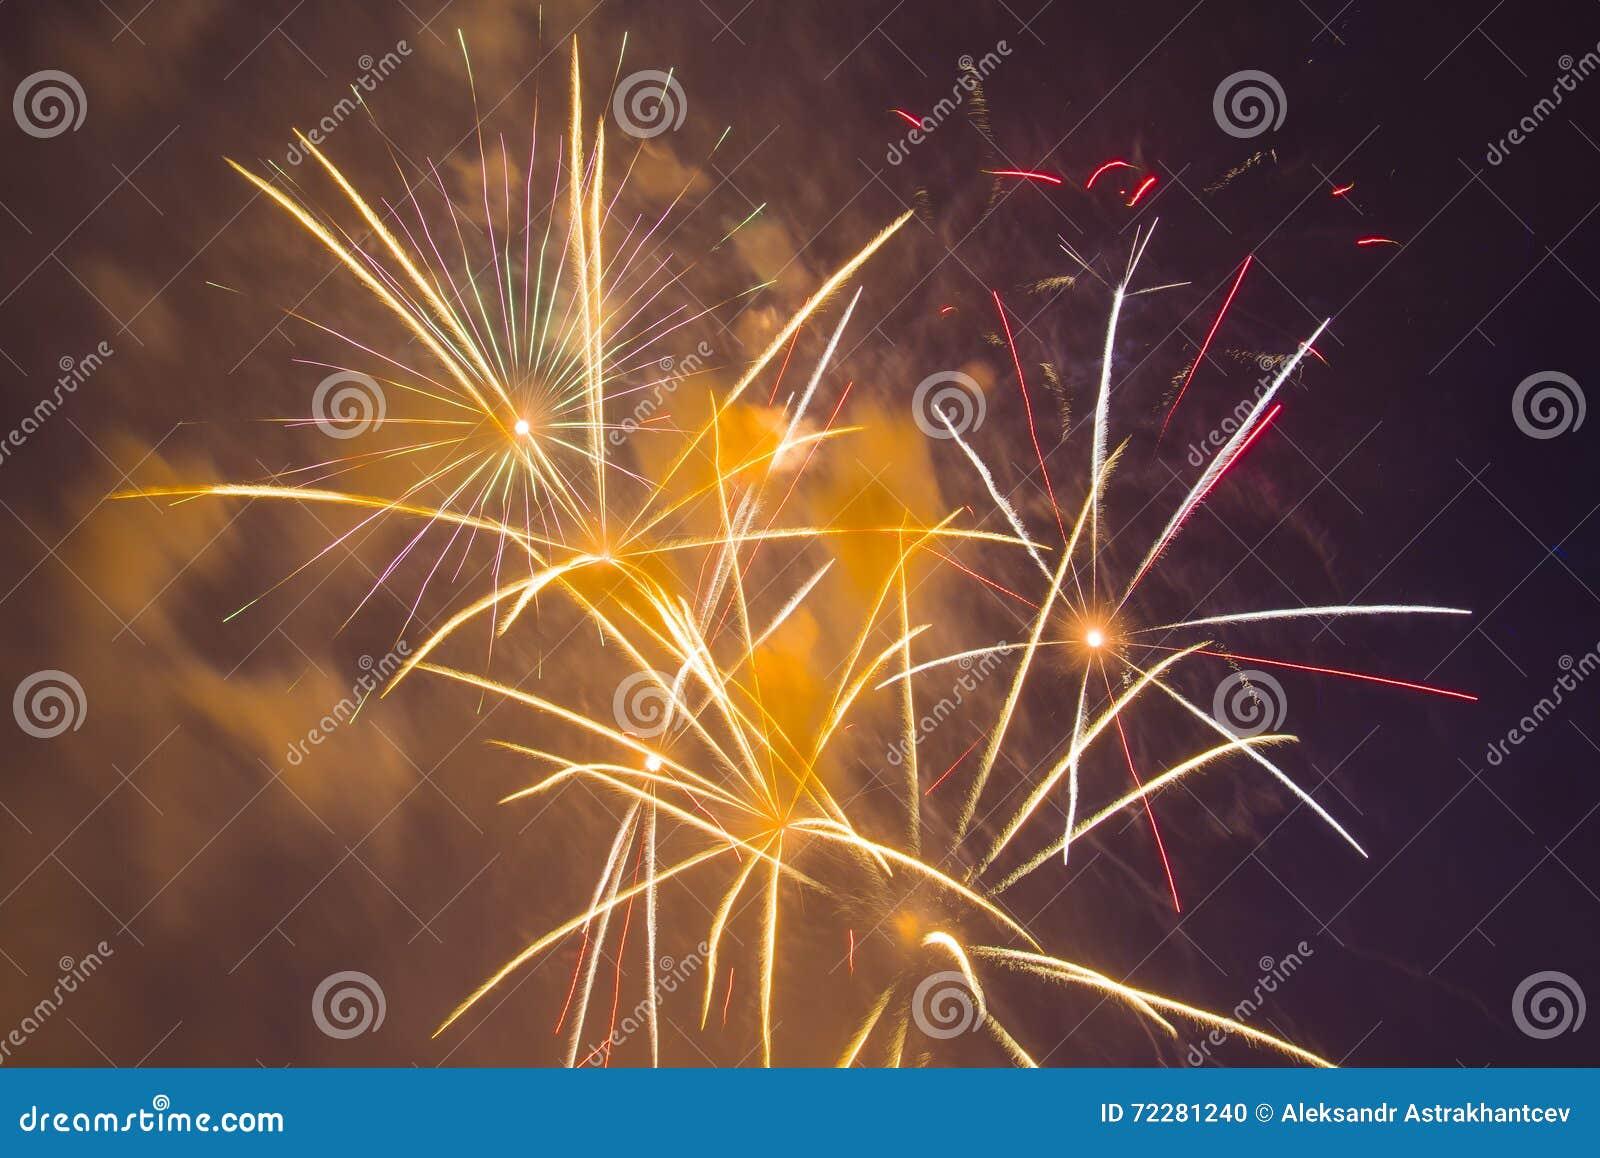 Download Праздничные феиэрверки Новый Год Стоковое Фото - изображение насчитывающей backhoe, день: 72281240